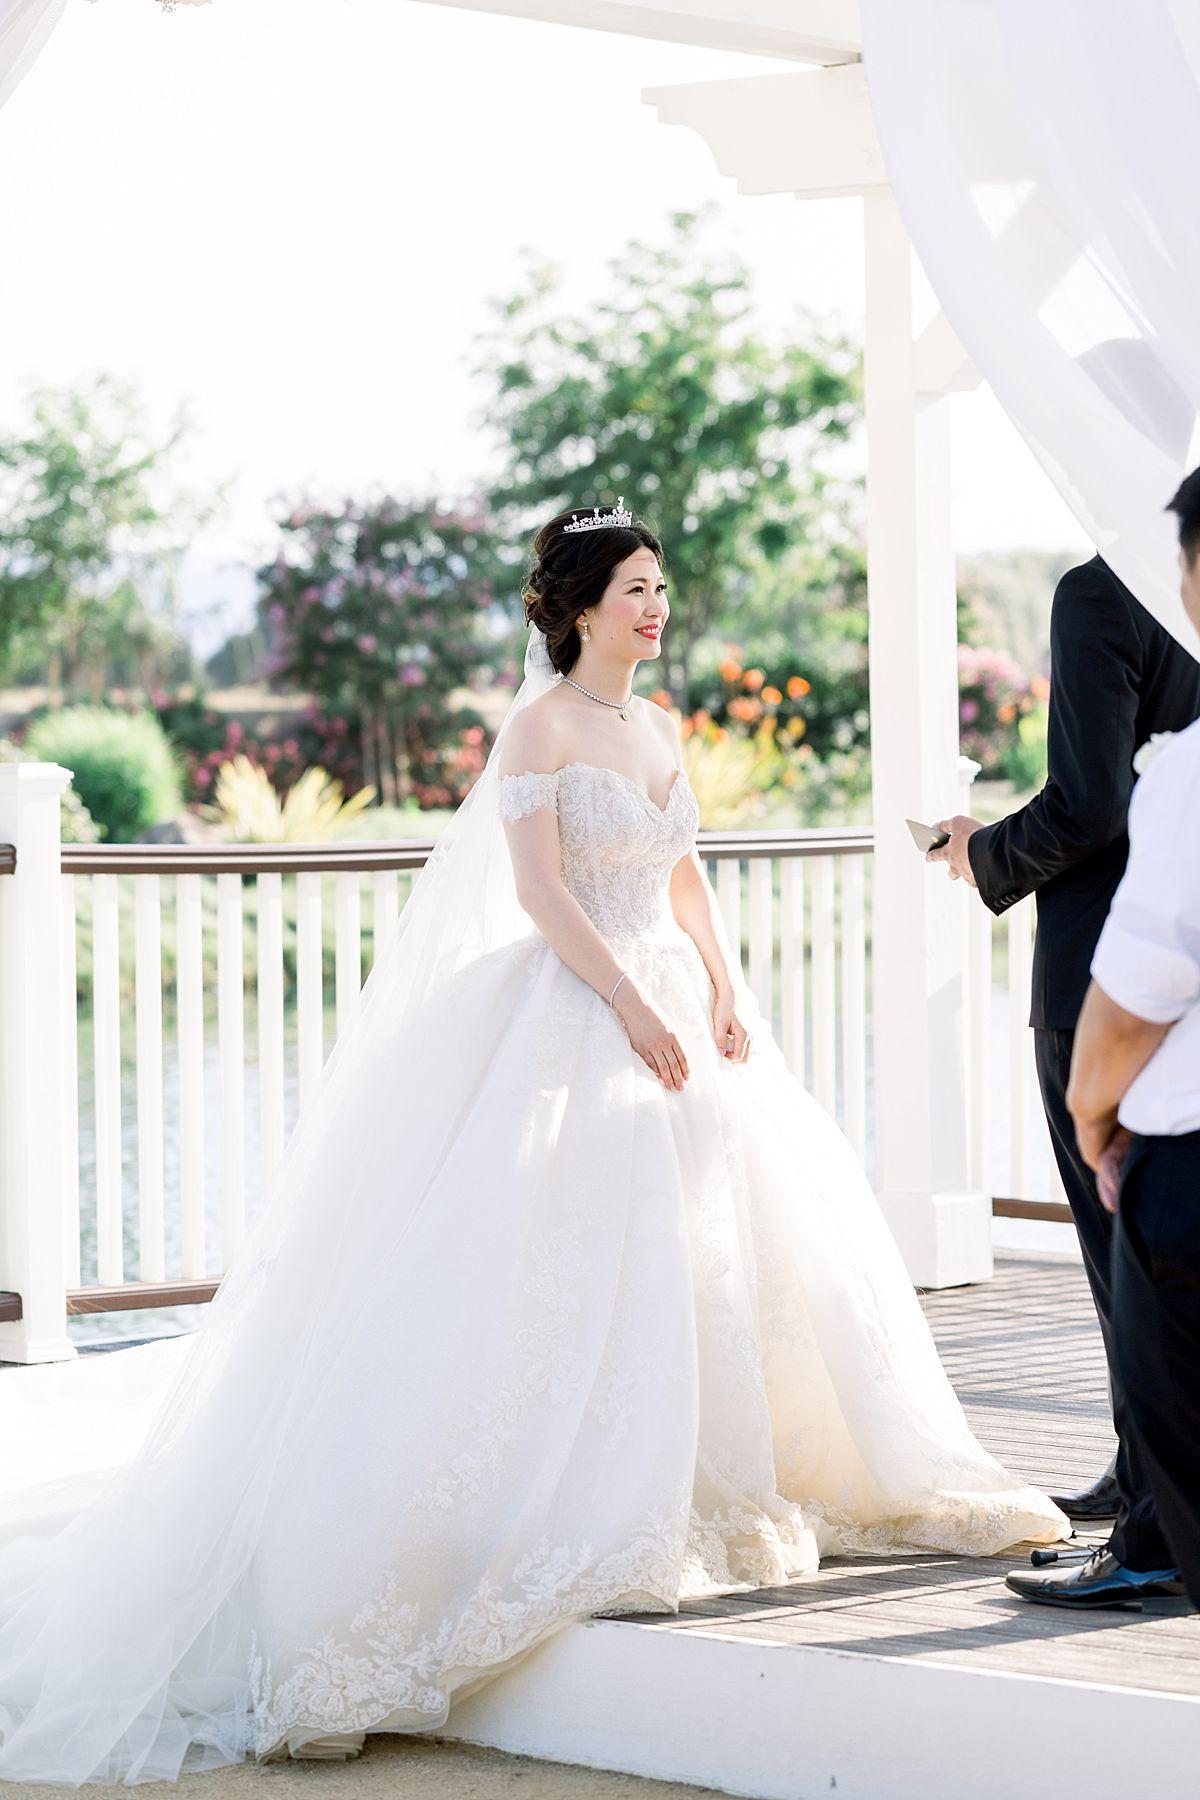 Newberry Estate Vineyards Wedding - Ashley Baumgartner - Jasmine and Johhny - Bay Area Wedding Photographer - Sacramento Wedding Photographer_0036.jpg